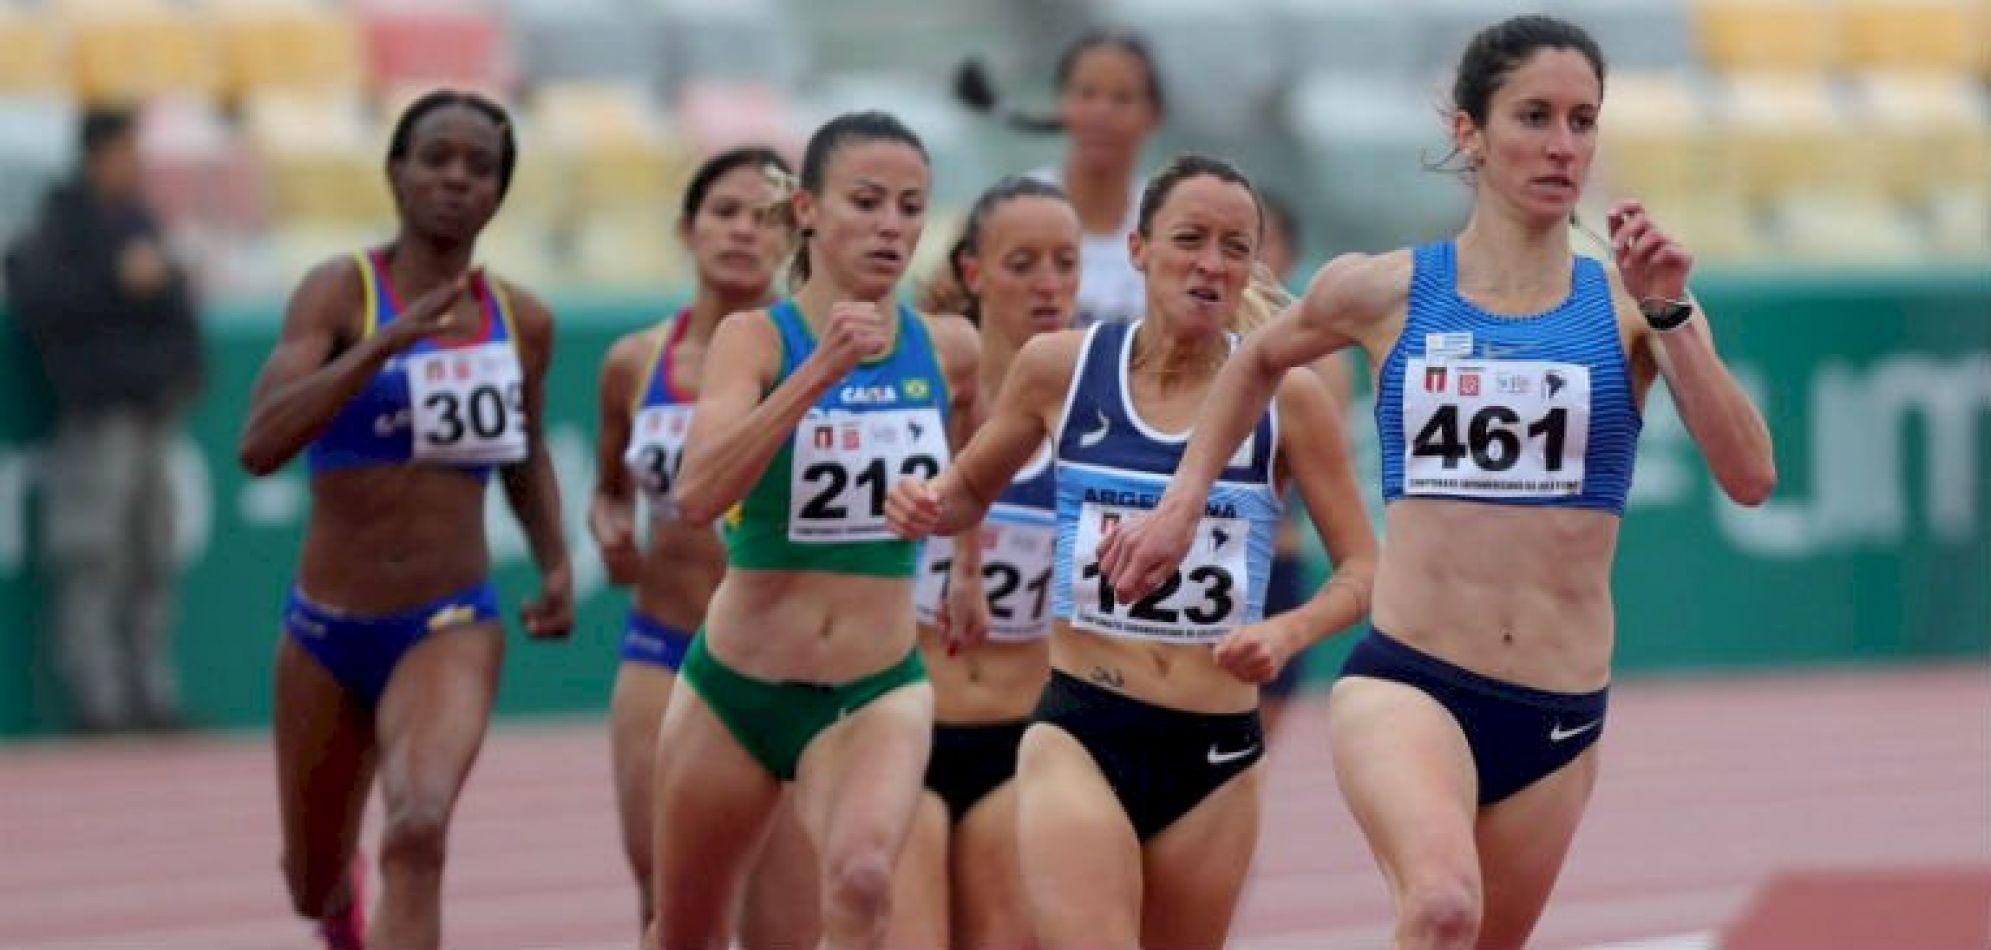 Atletismo: La Argentina terminó cuarta en puntaje y quinta en el medallero